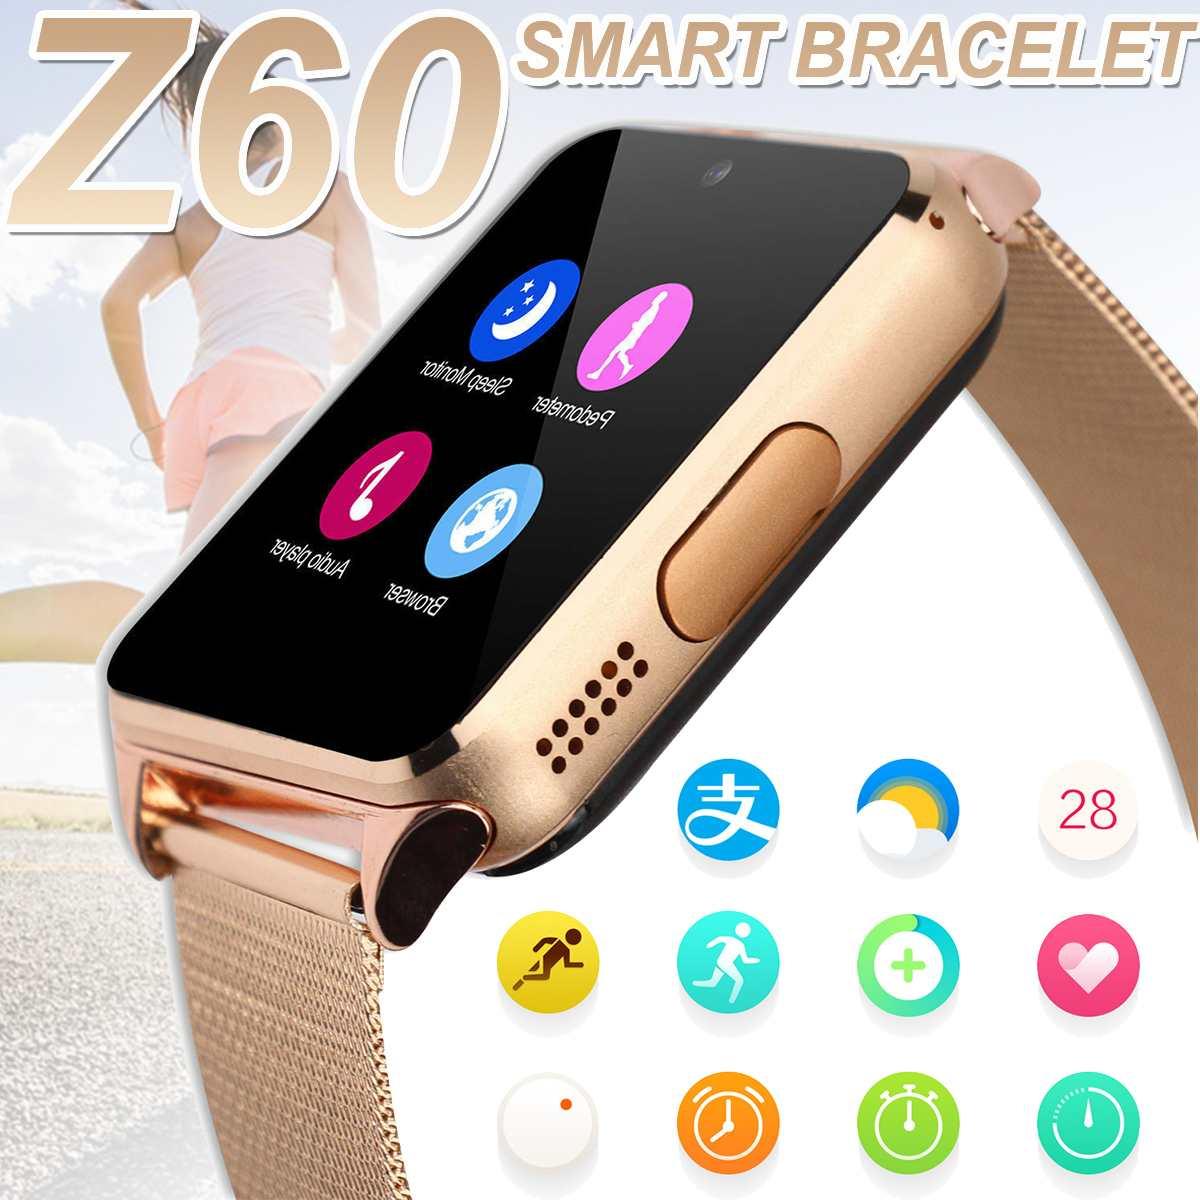 Bluetooth relógios inteligentes z60 430ma smartwatch metal pulseira de pulso suporte 2g sim tf cartão android ios relógio mensagem empurrar telefone relógio